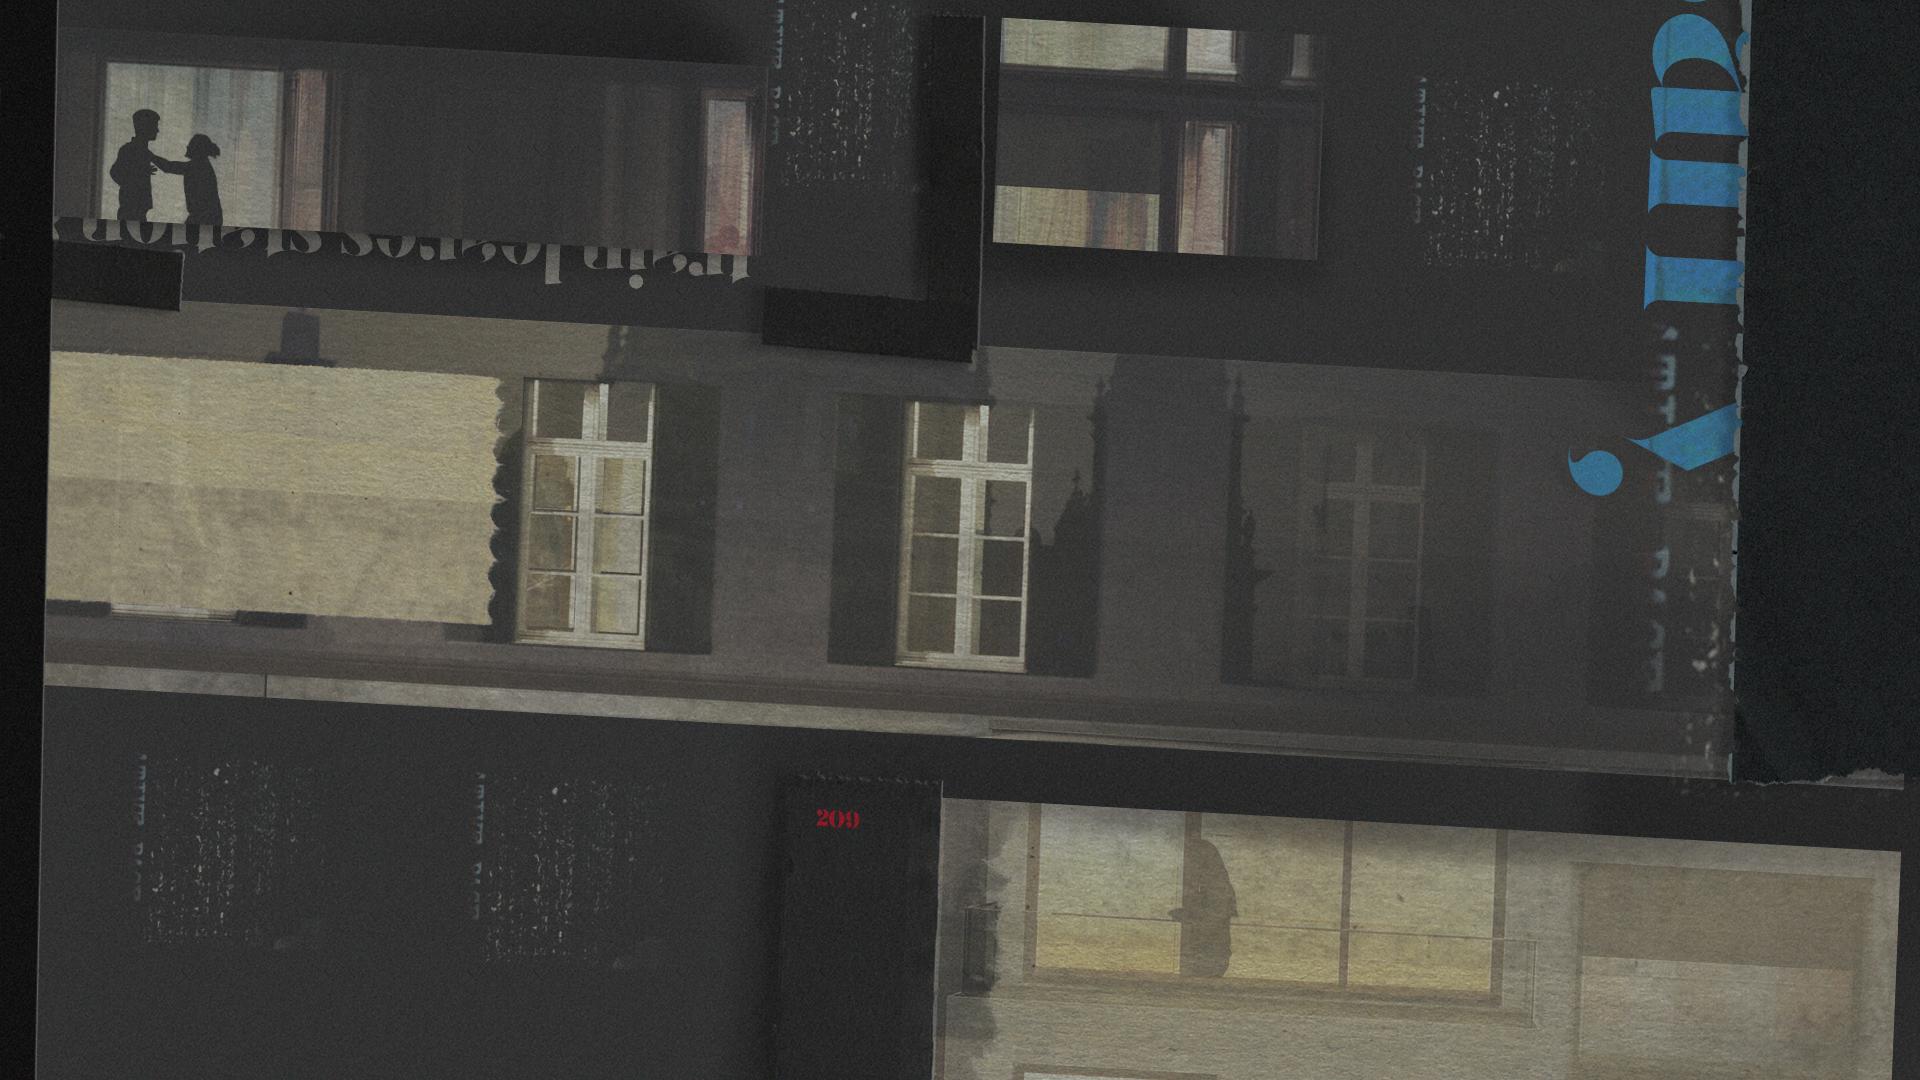 02-BERLINSTATION-INTRO-02.jpg